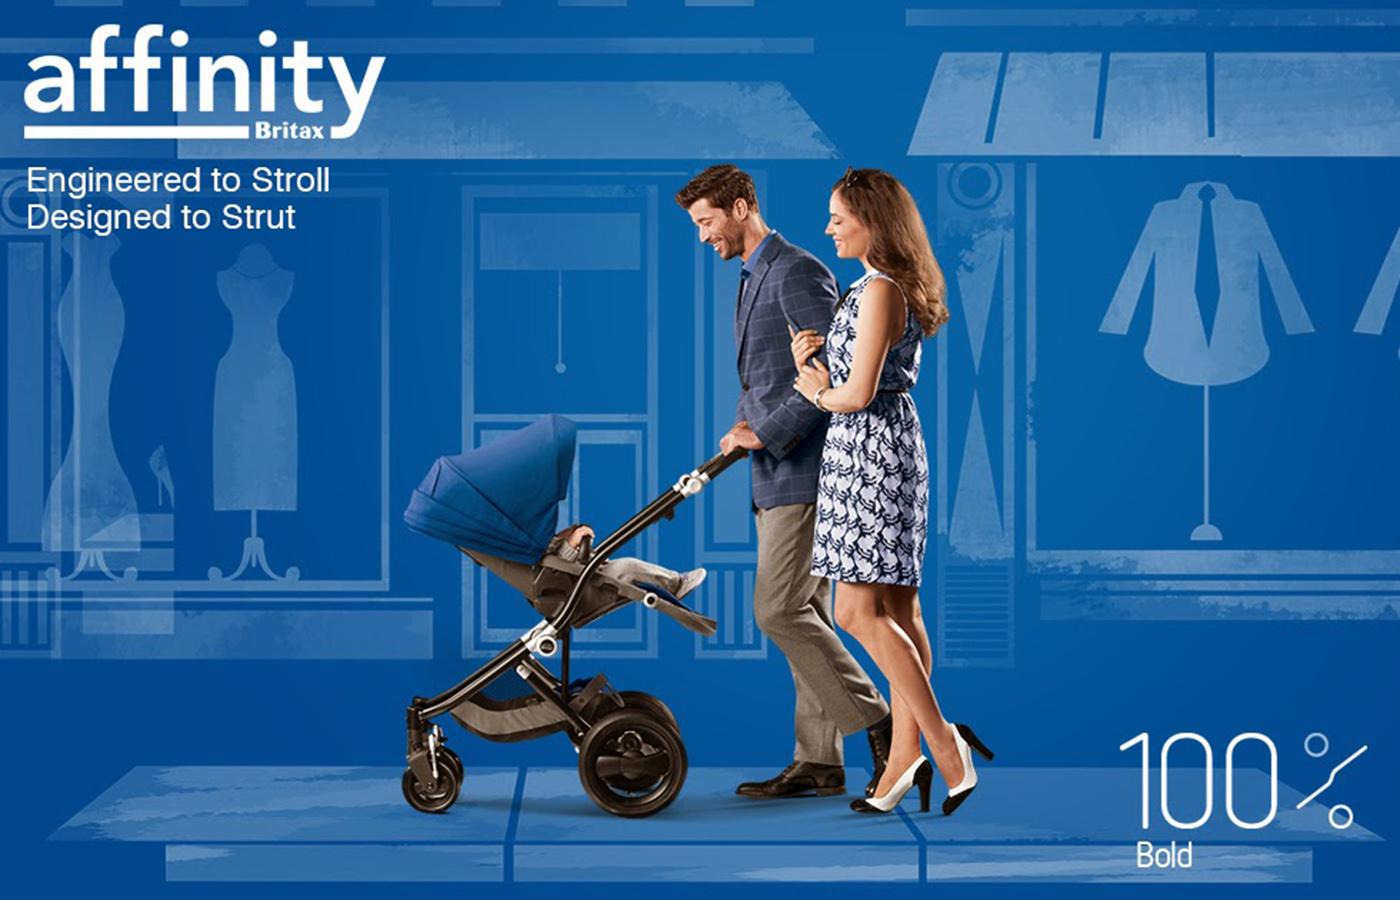 affinity-stroller-sky-blue (2016_08_04 16_24_06 UTC).jpg